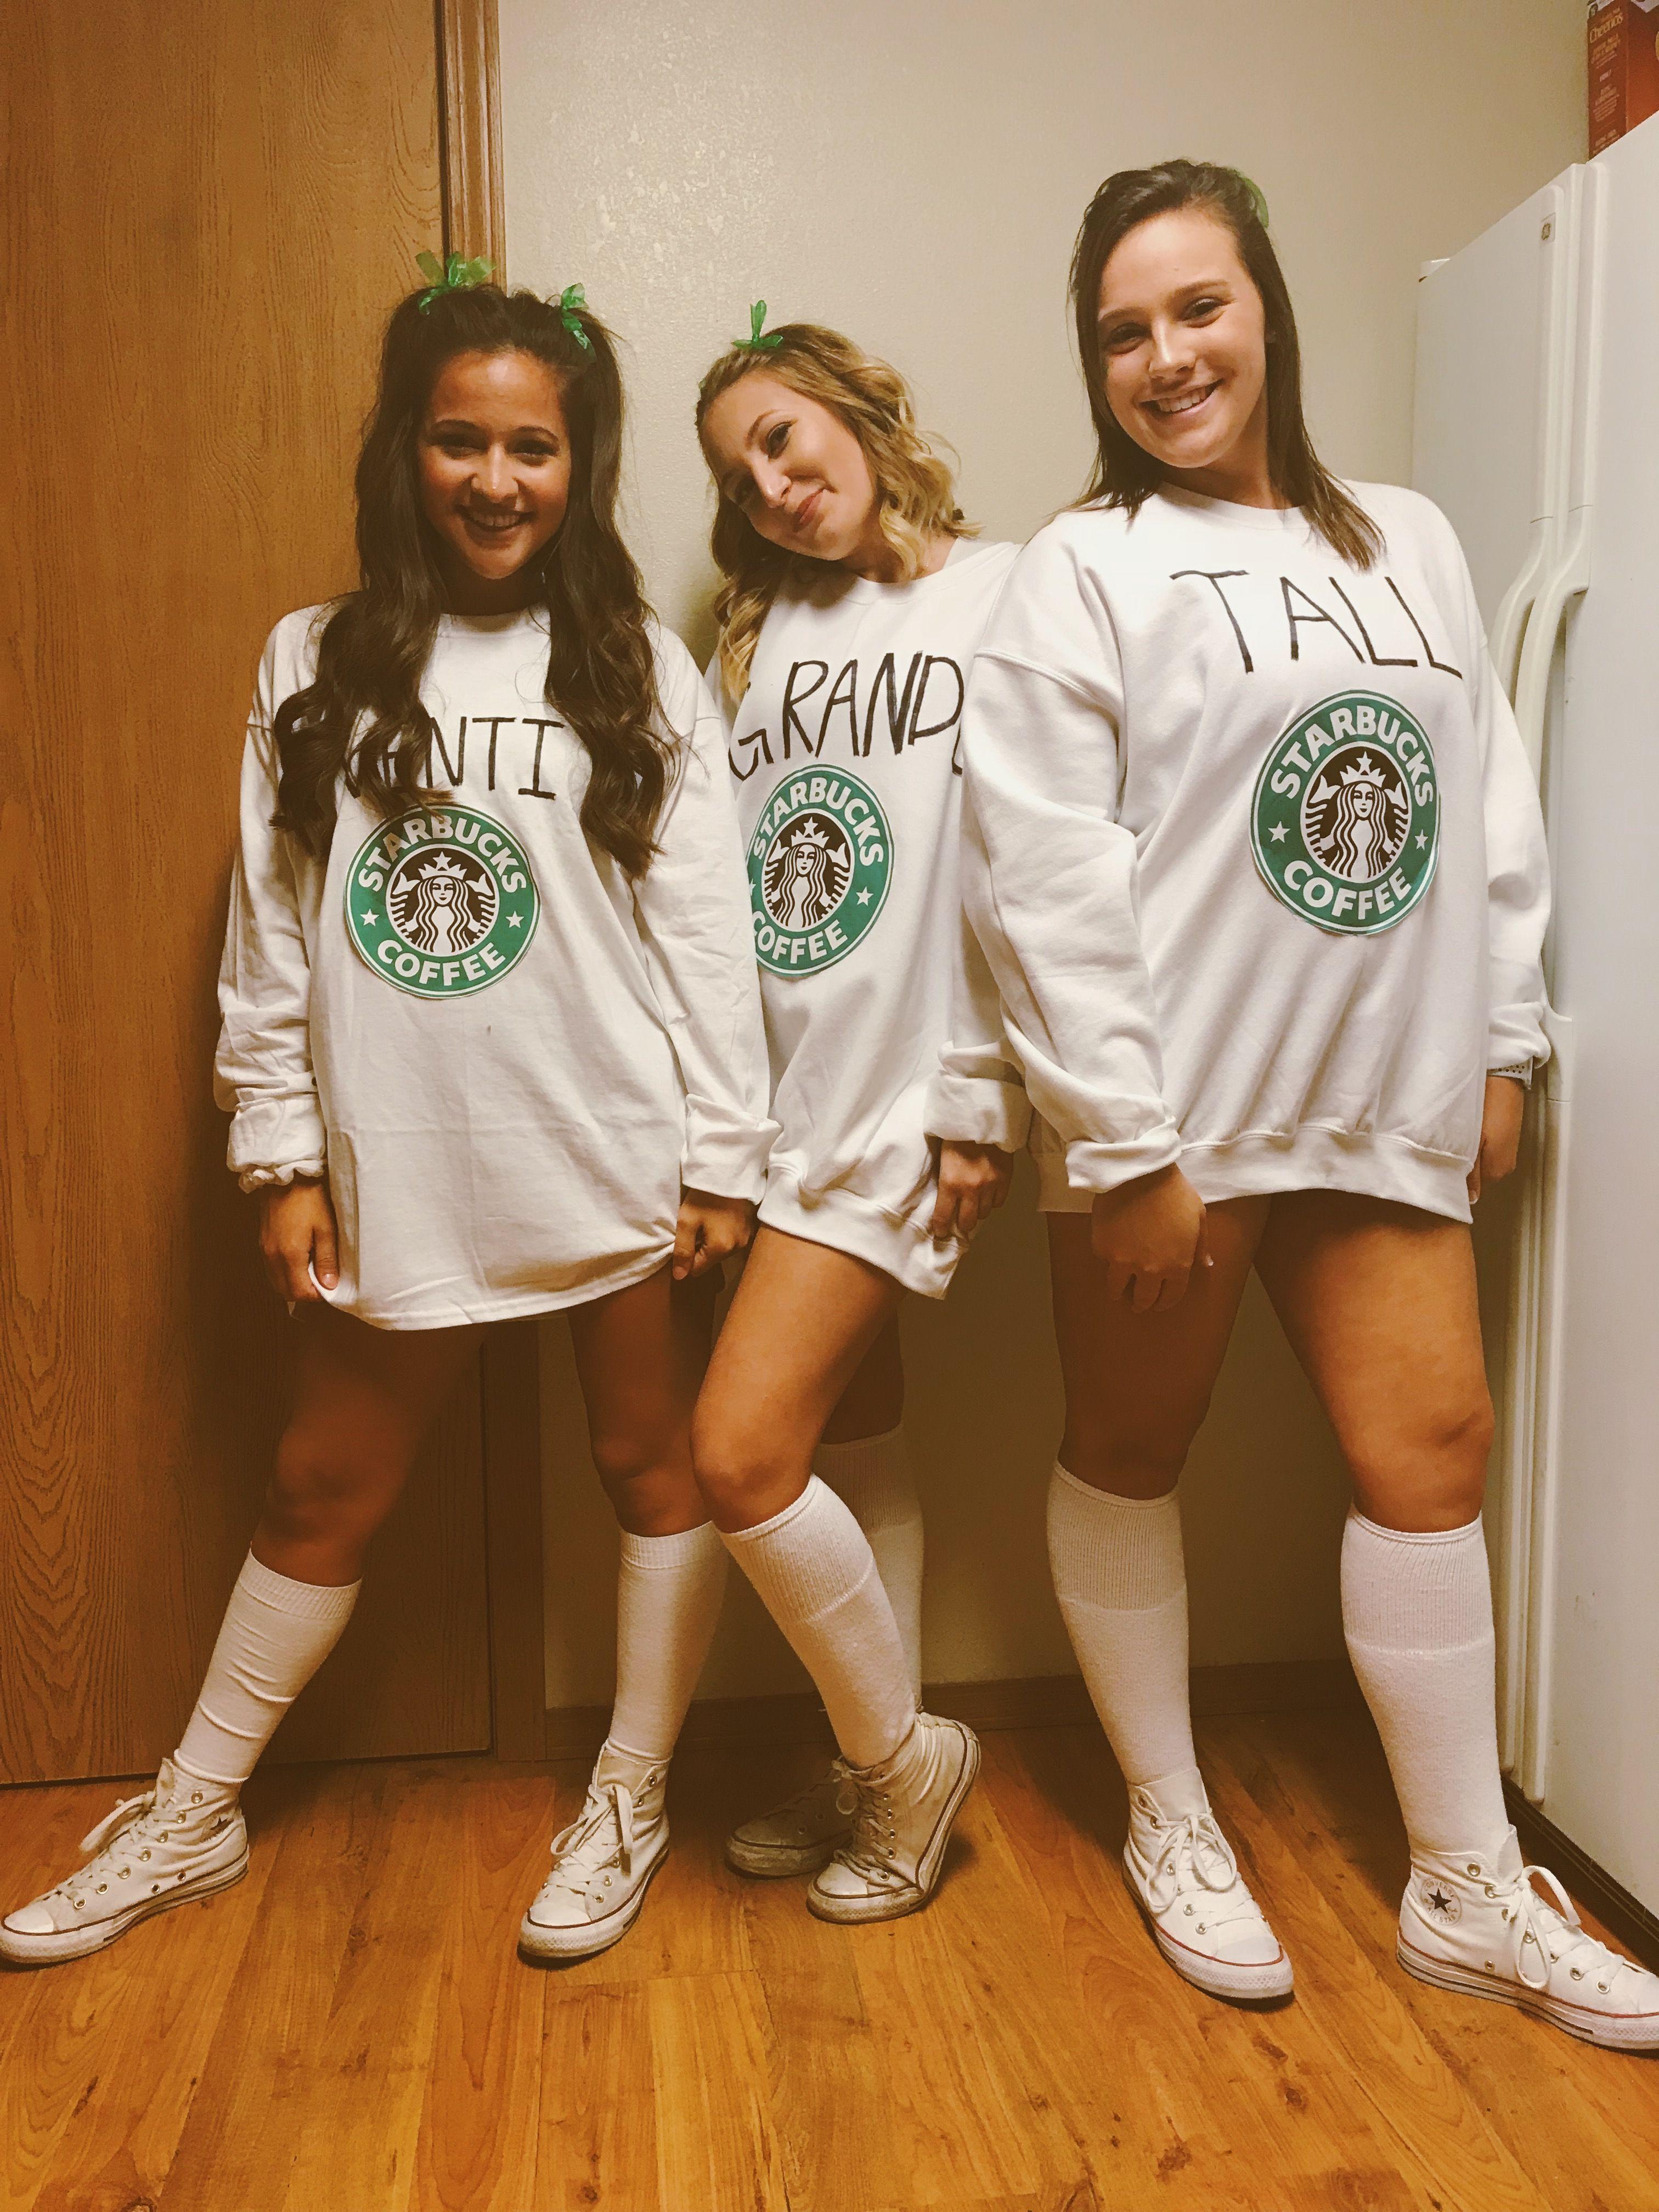 3 Person Costume Ideas : person, costume, ideas, Starbucks, Halloween, Costume, #Halloween2017, #Starbucks, #bffhalloweencostum…, Costumes, Teens, Girls,, Costume,